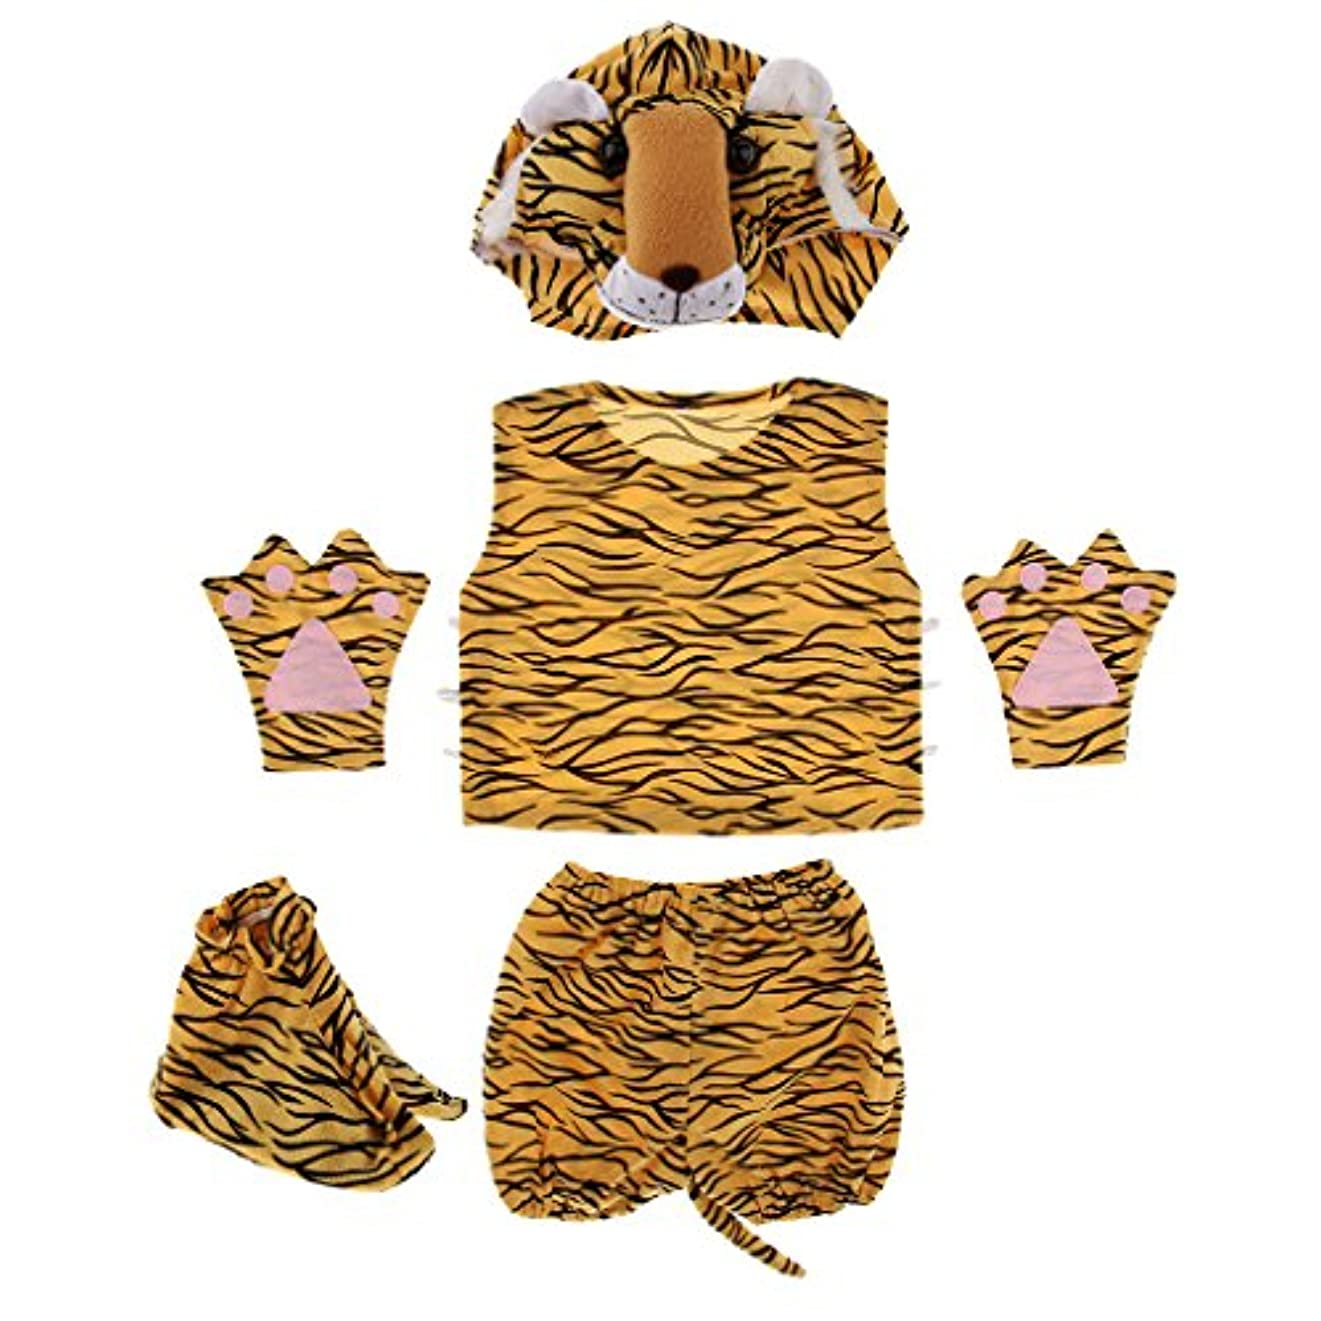 ピカソバランスのとれたバスケットボールPerfk 動物衣装キット 子供 キッズ  帽子 シャツ ショートパンツ 手袋 靴 動物園 コスチューム ハロウィーン お祝い    - 虎